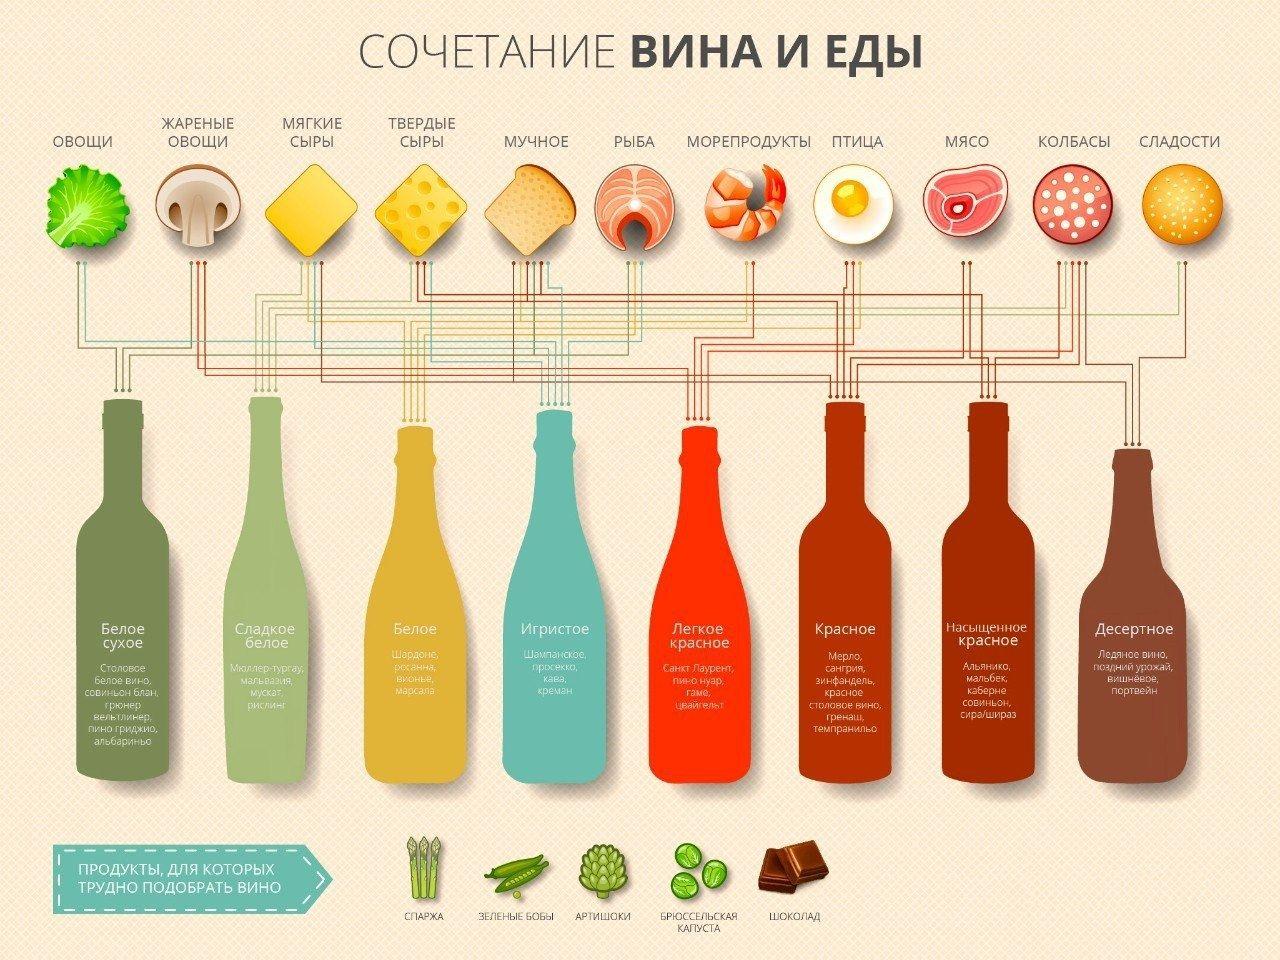 сочетание вин и еды